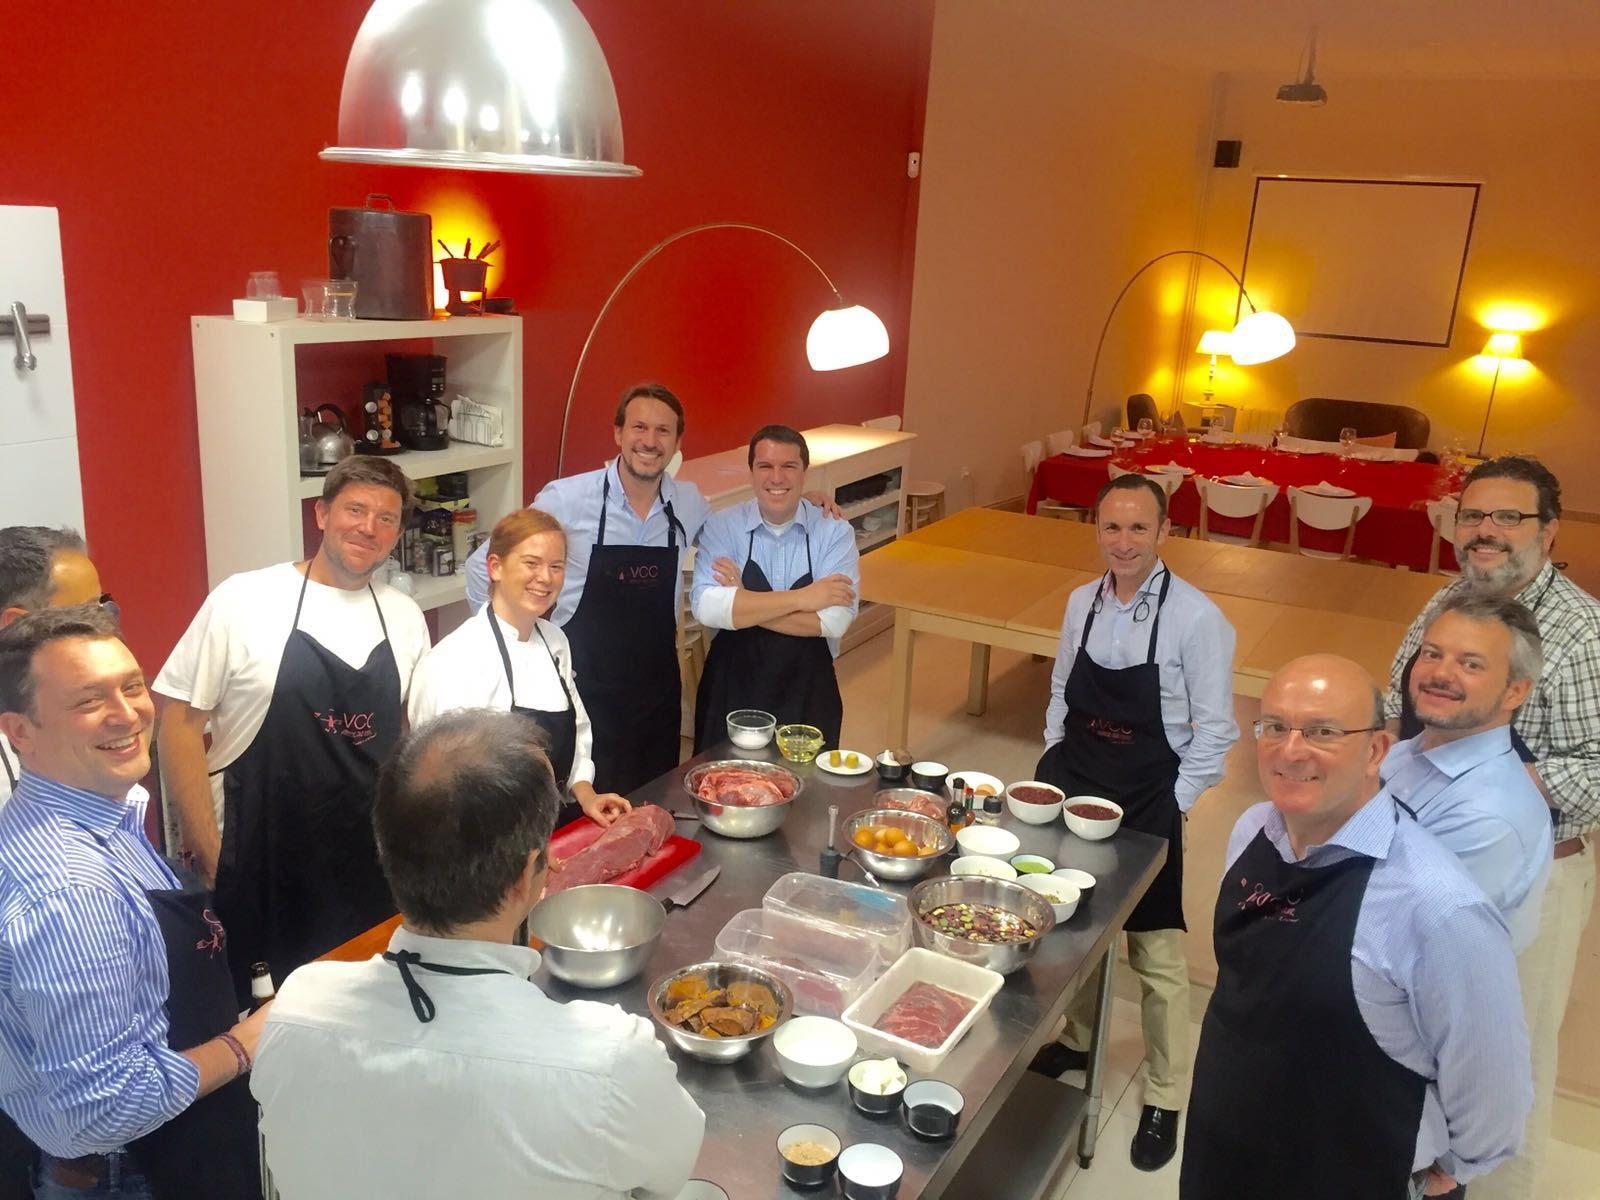 bonito cursos de cocina en valencia galer a de im genes